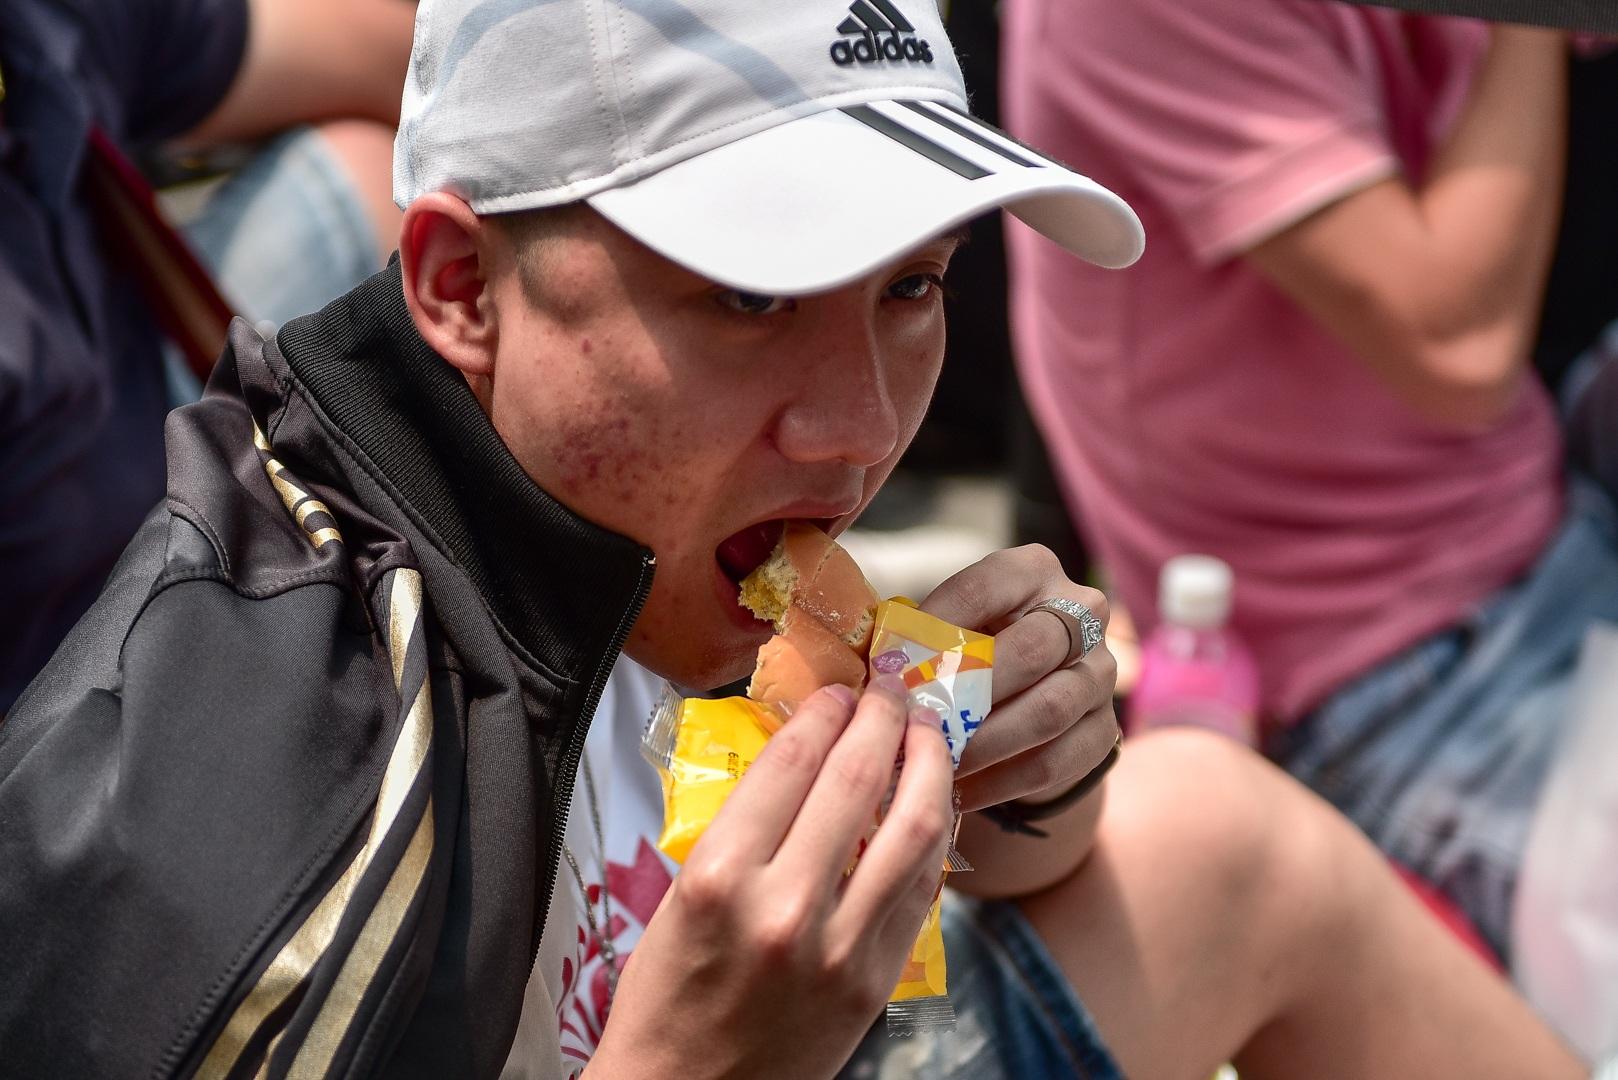 Tường thuật từ Singapore: Cả ngàn người ăn chực nằm chờ iPhone 11 - 11